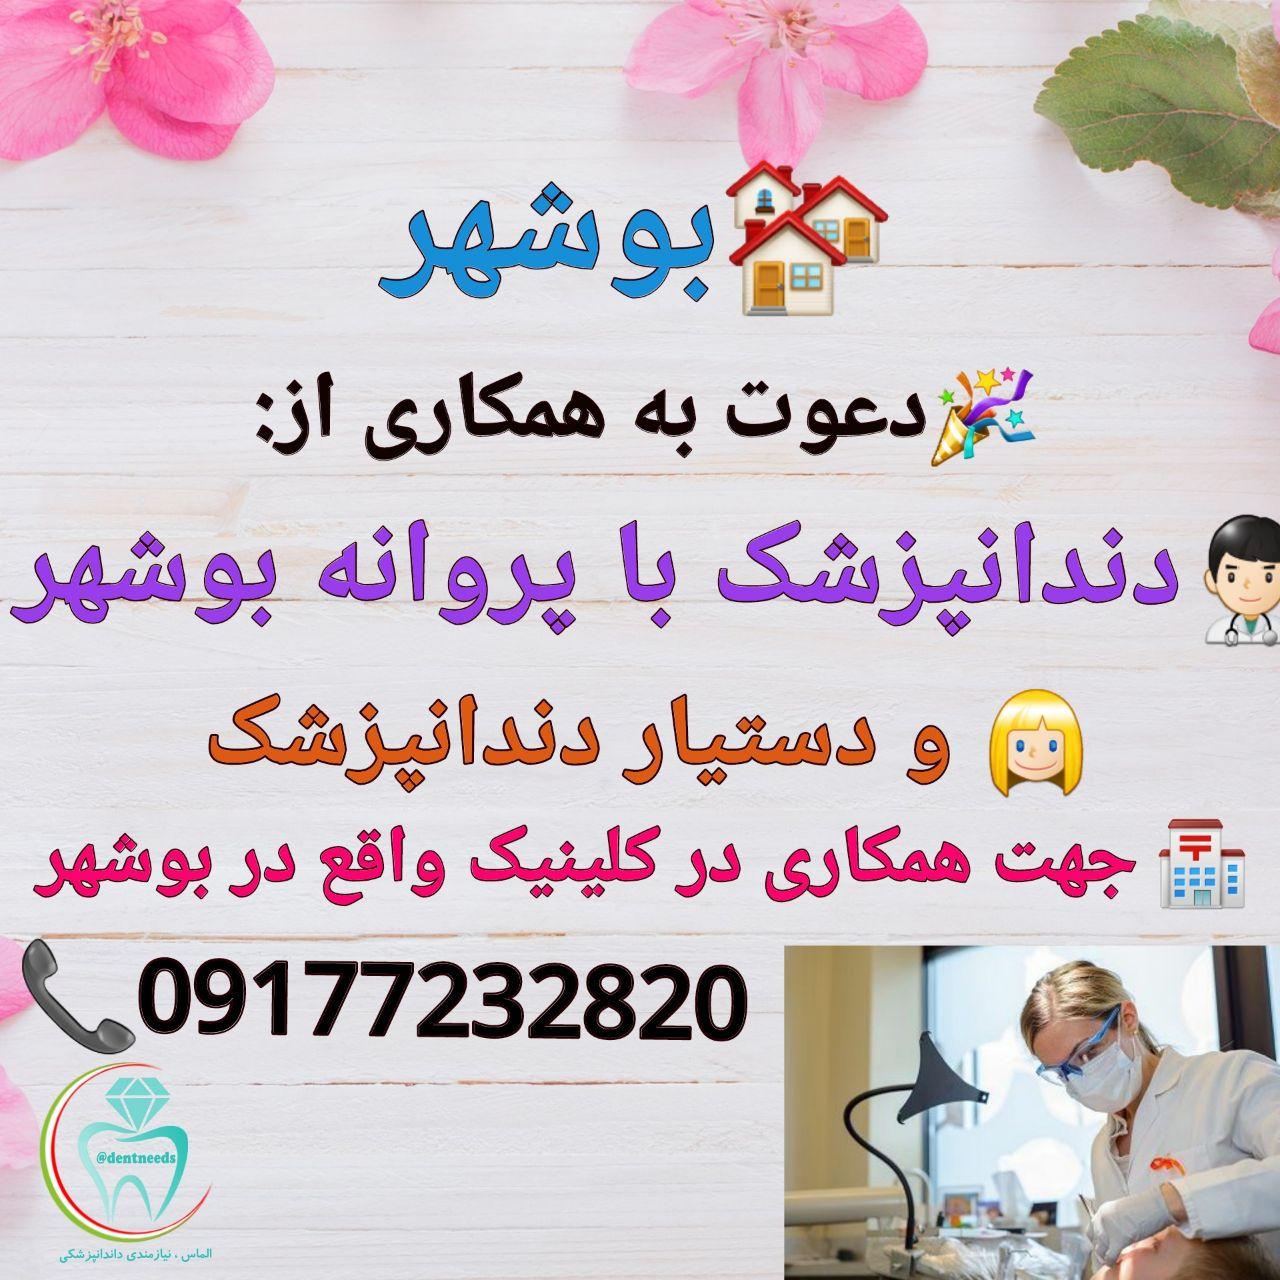 بوشهر، دعوت به همکاری از دندانپزشک با پروانه بوشهر